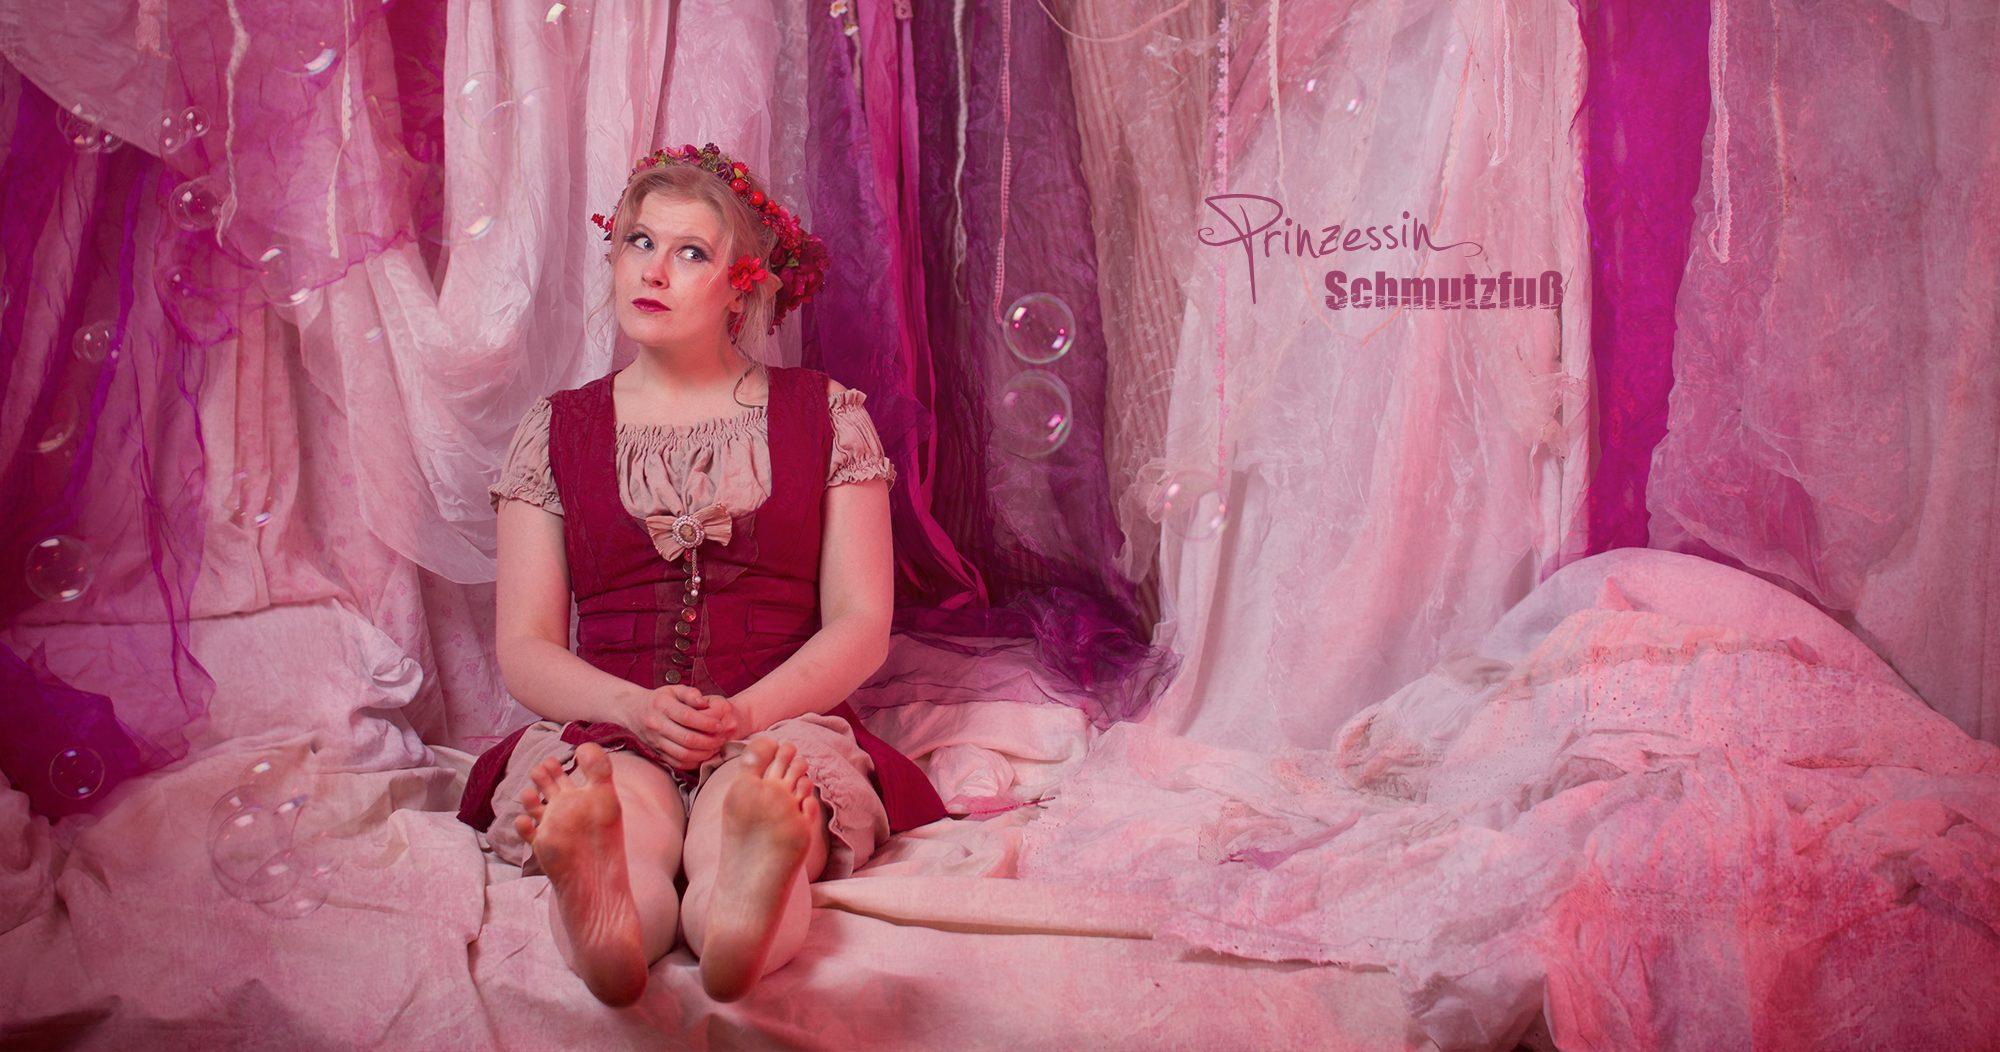 Prinzessin Schmutzfuß